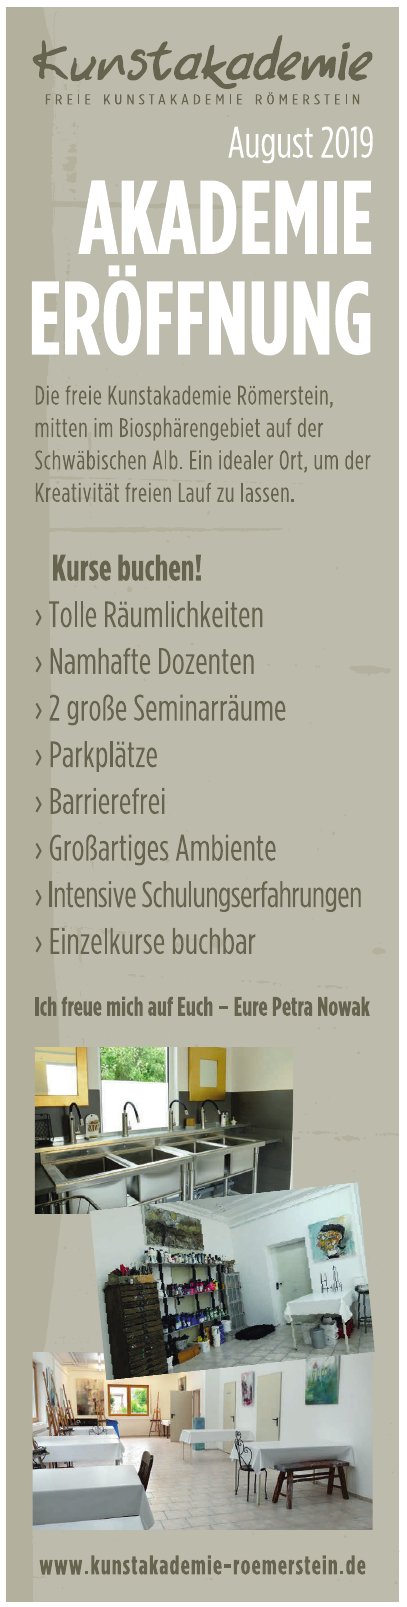 Freie Kunstakademie Römerstein